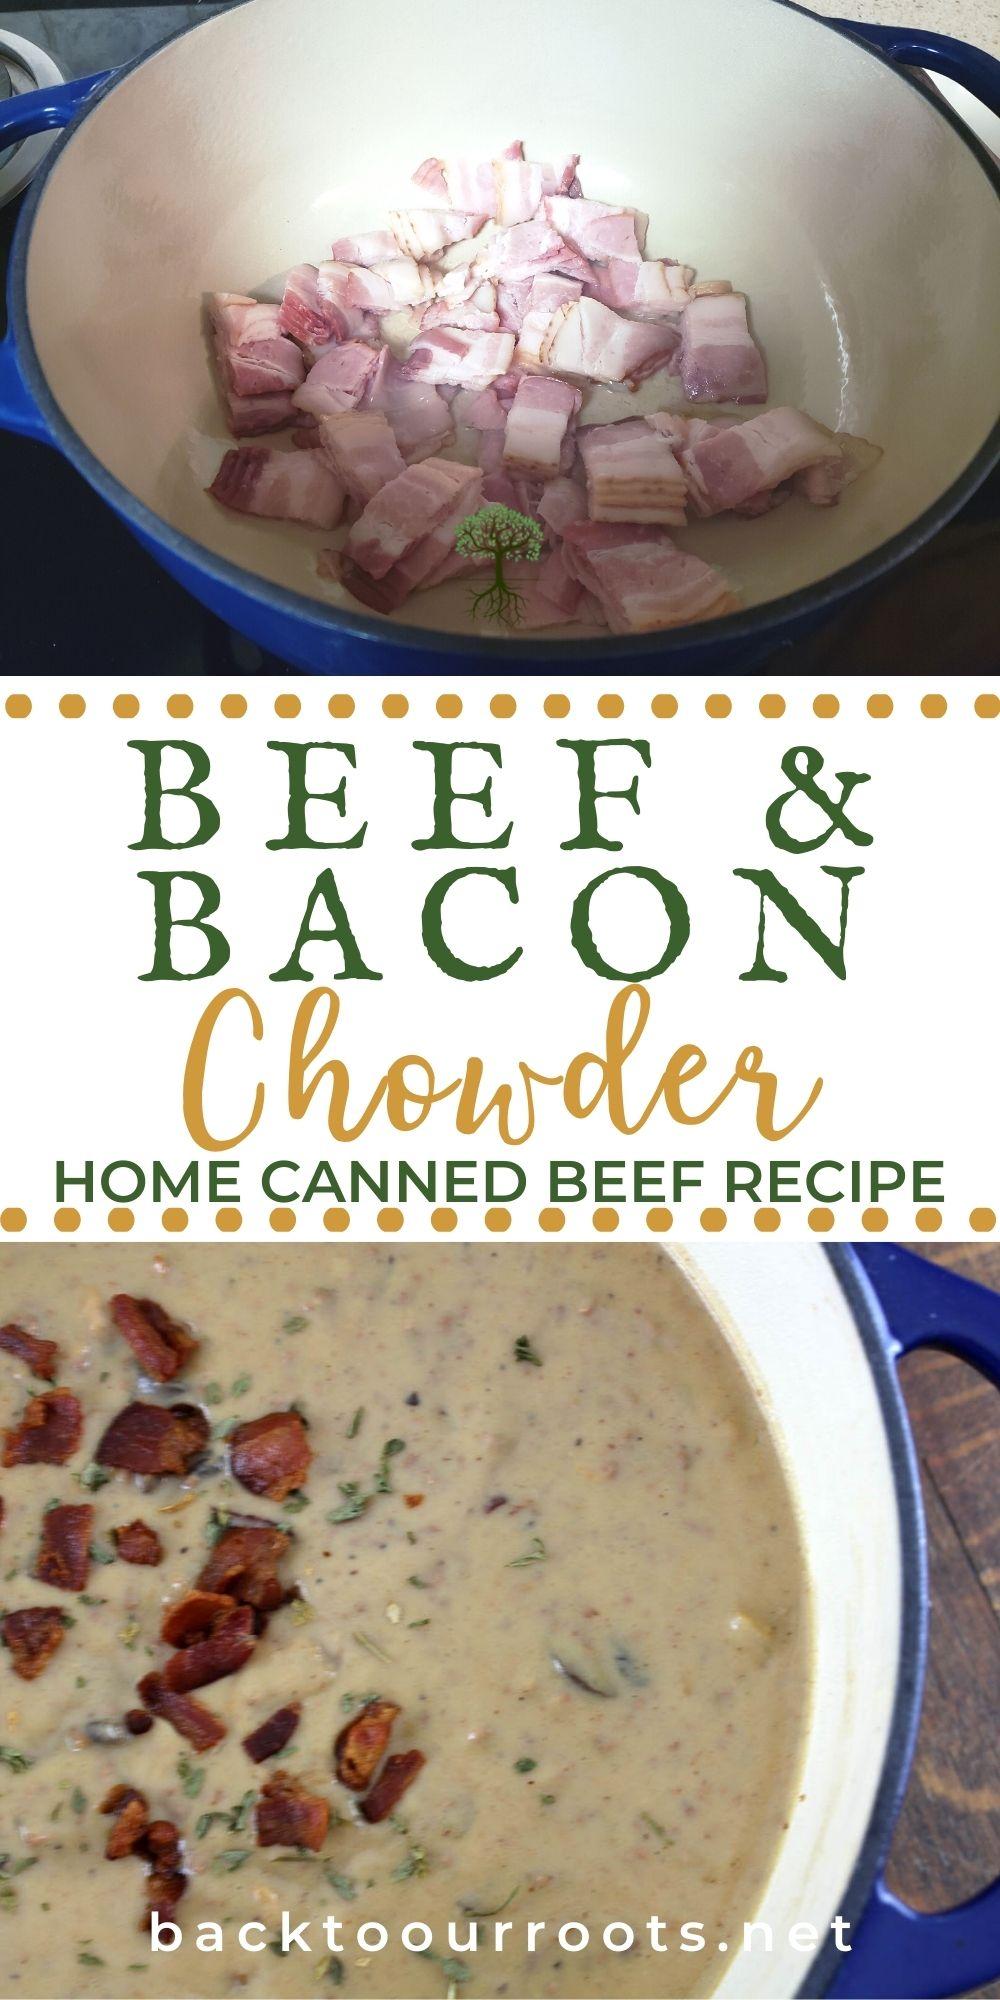 Beef & Bacon Chowder